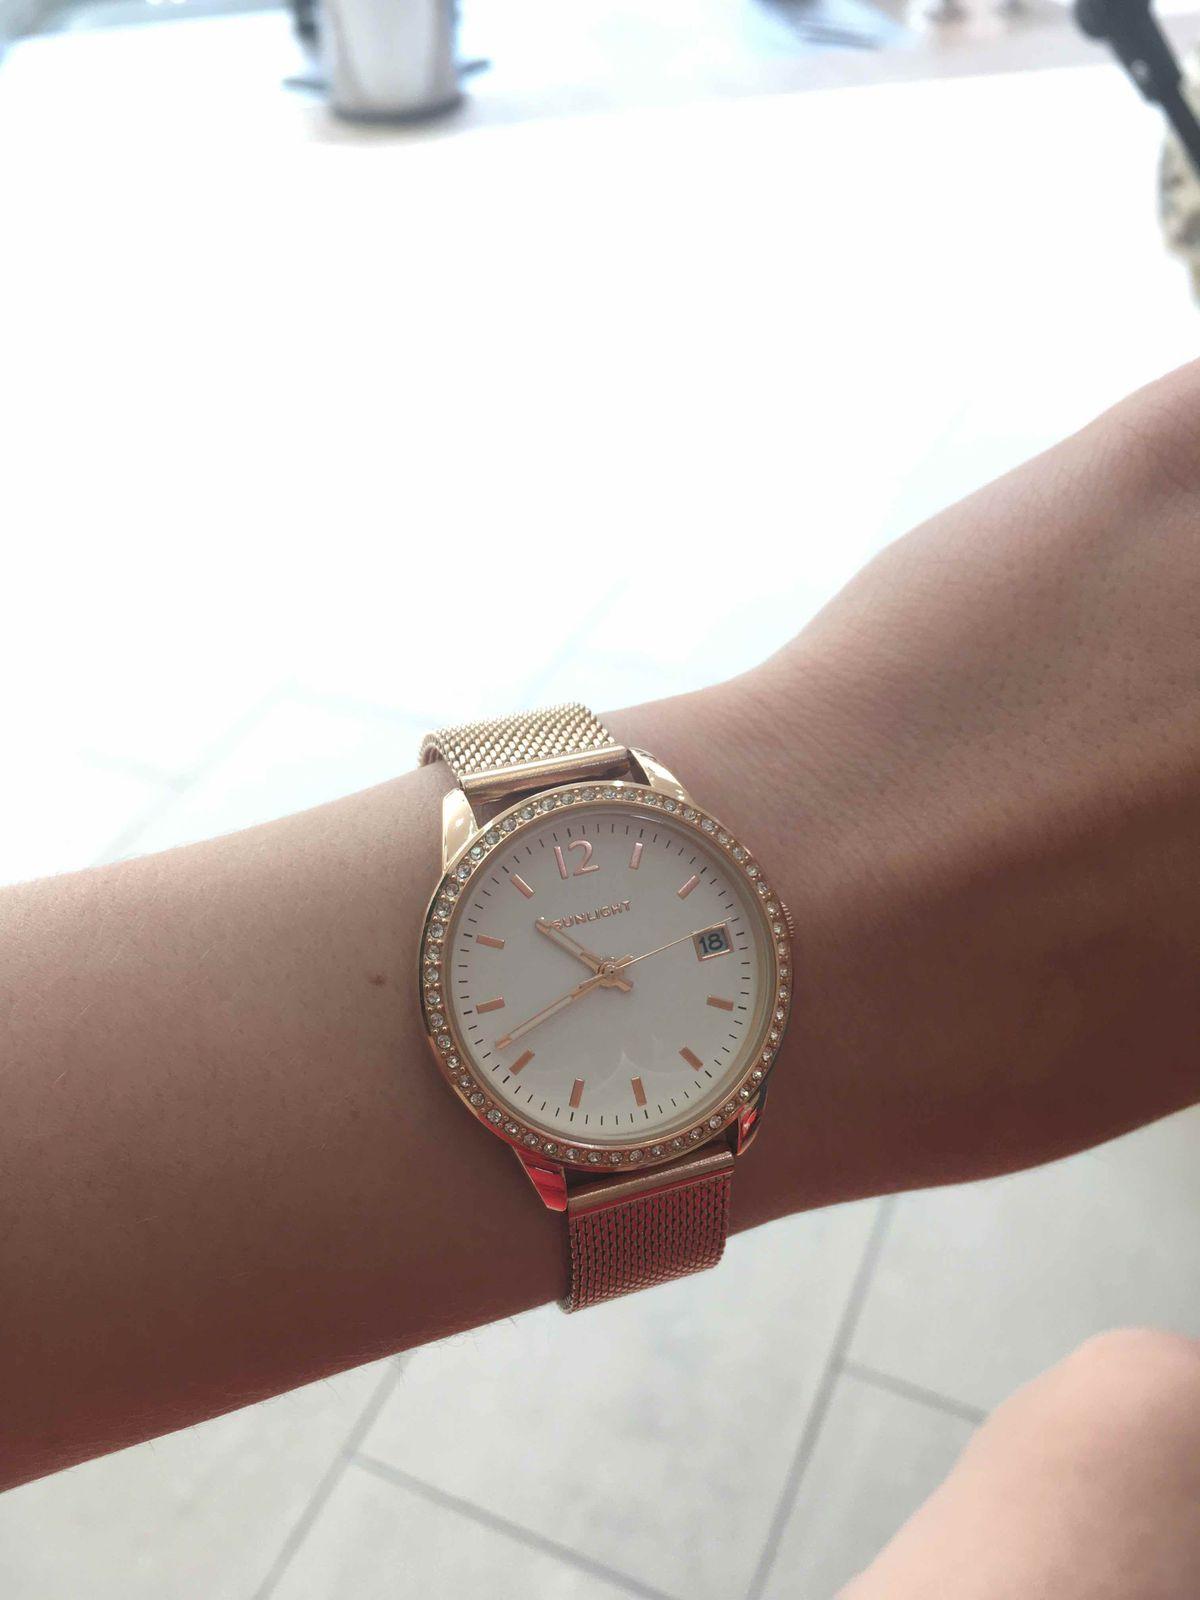 Купила часы в Sunlight. очень довольна. что решила купить их, очень классные!